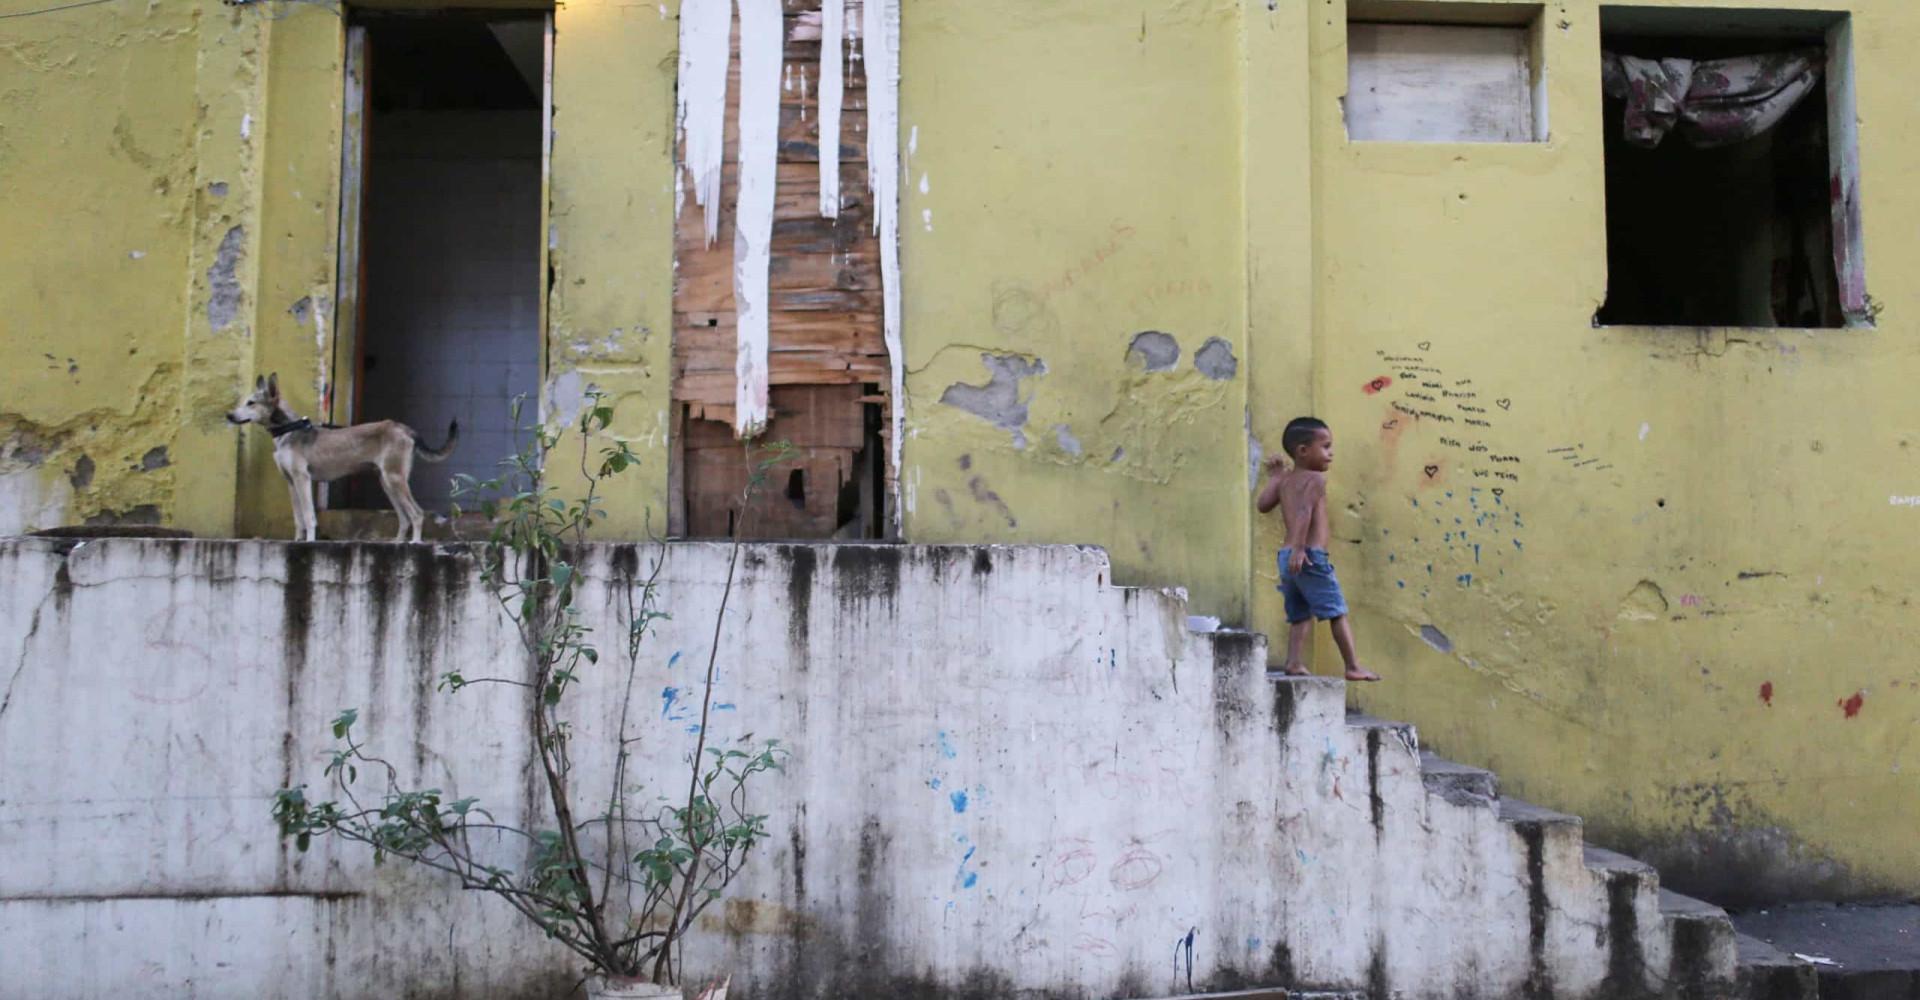 La dura realidad de las favelas de Rio de Janeiro